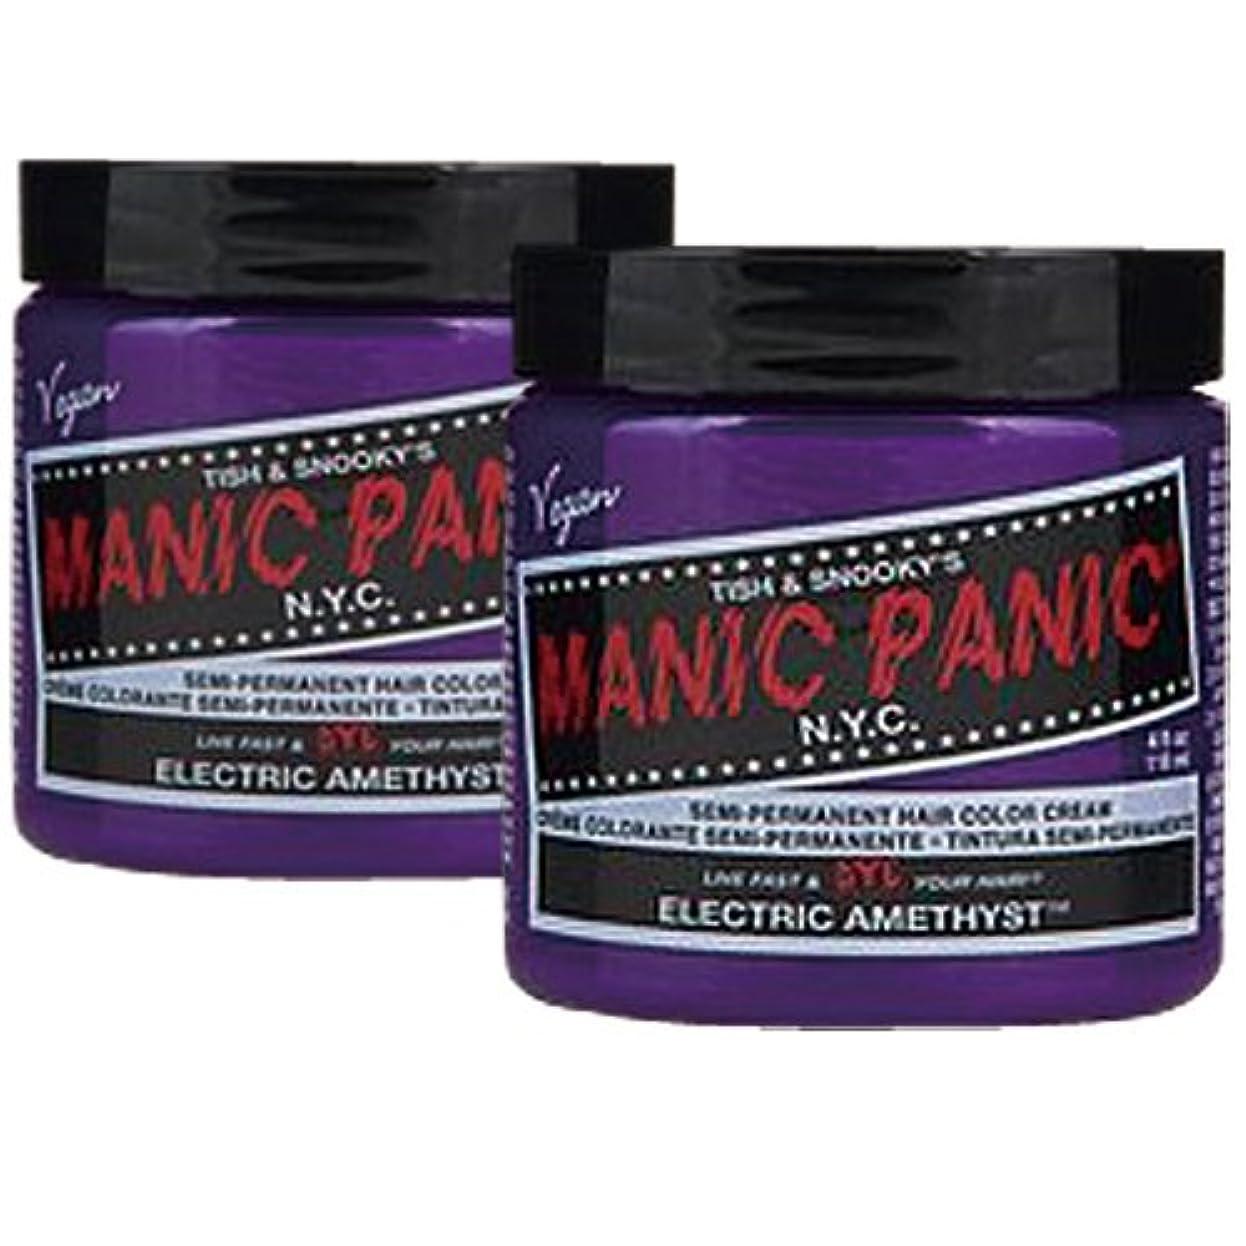 【2個セット】MANIC PANIC マニックパニック Electric amethyst エレクトリックアメジスト 118m